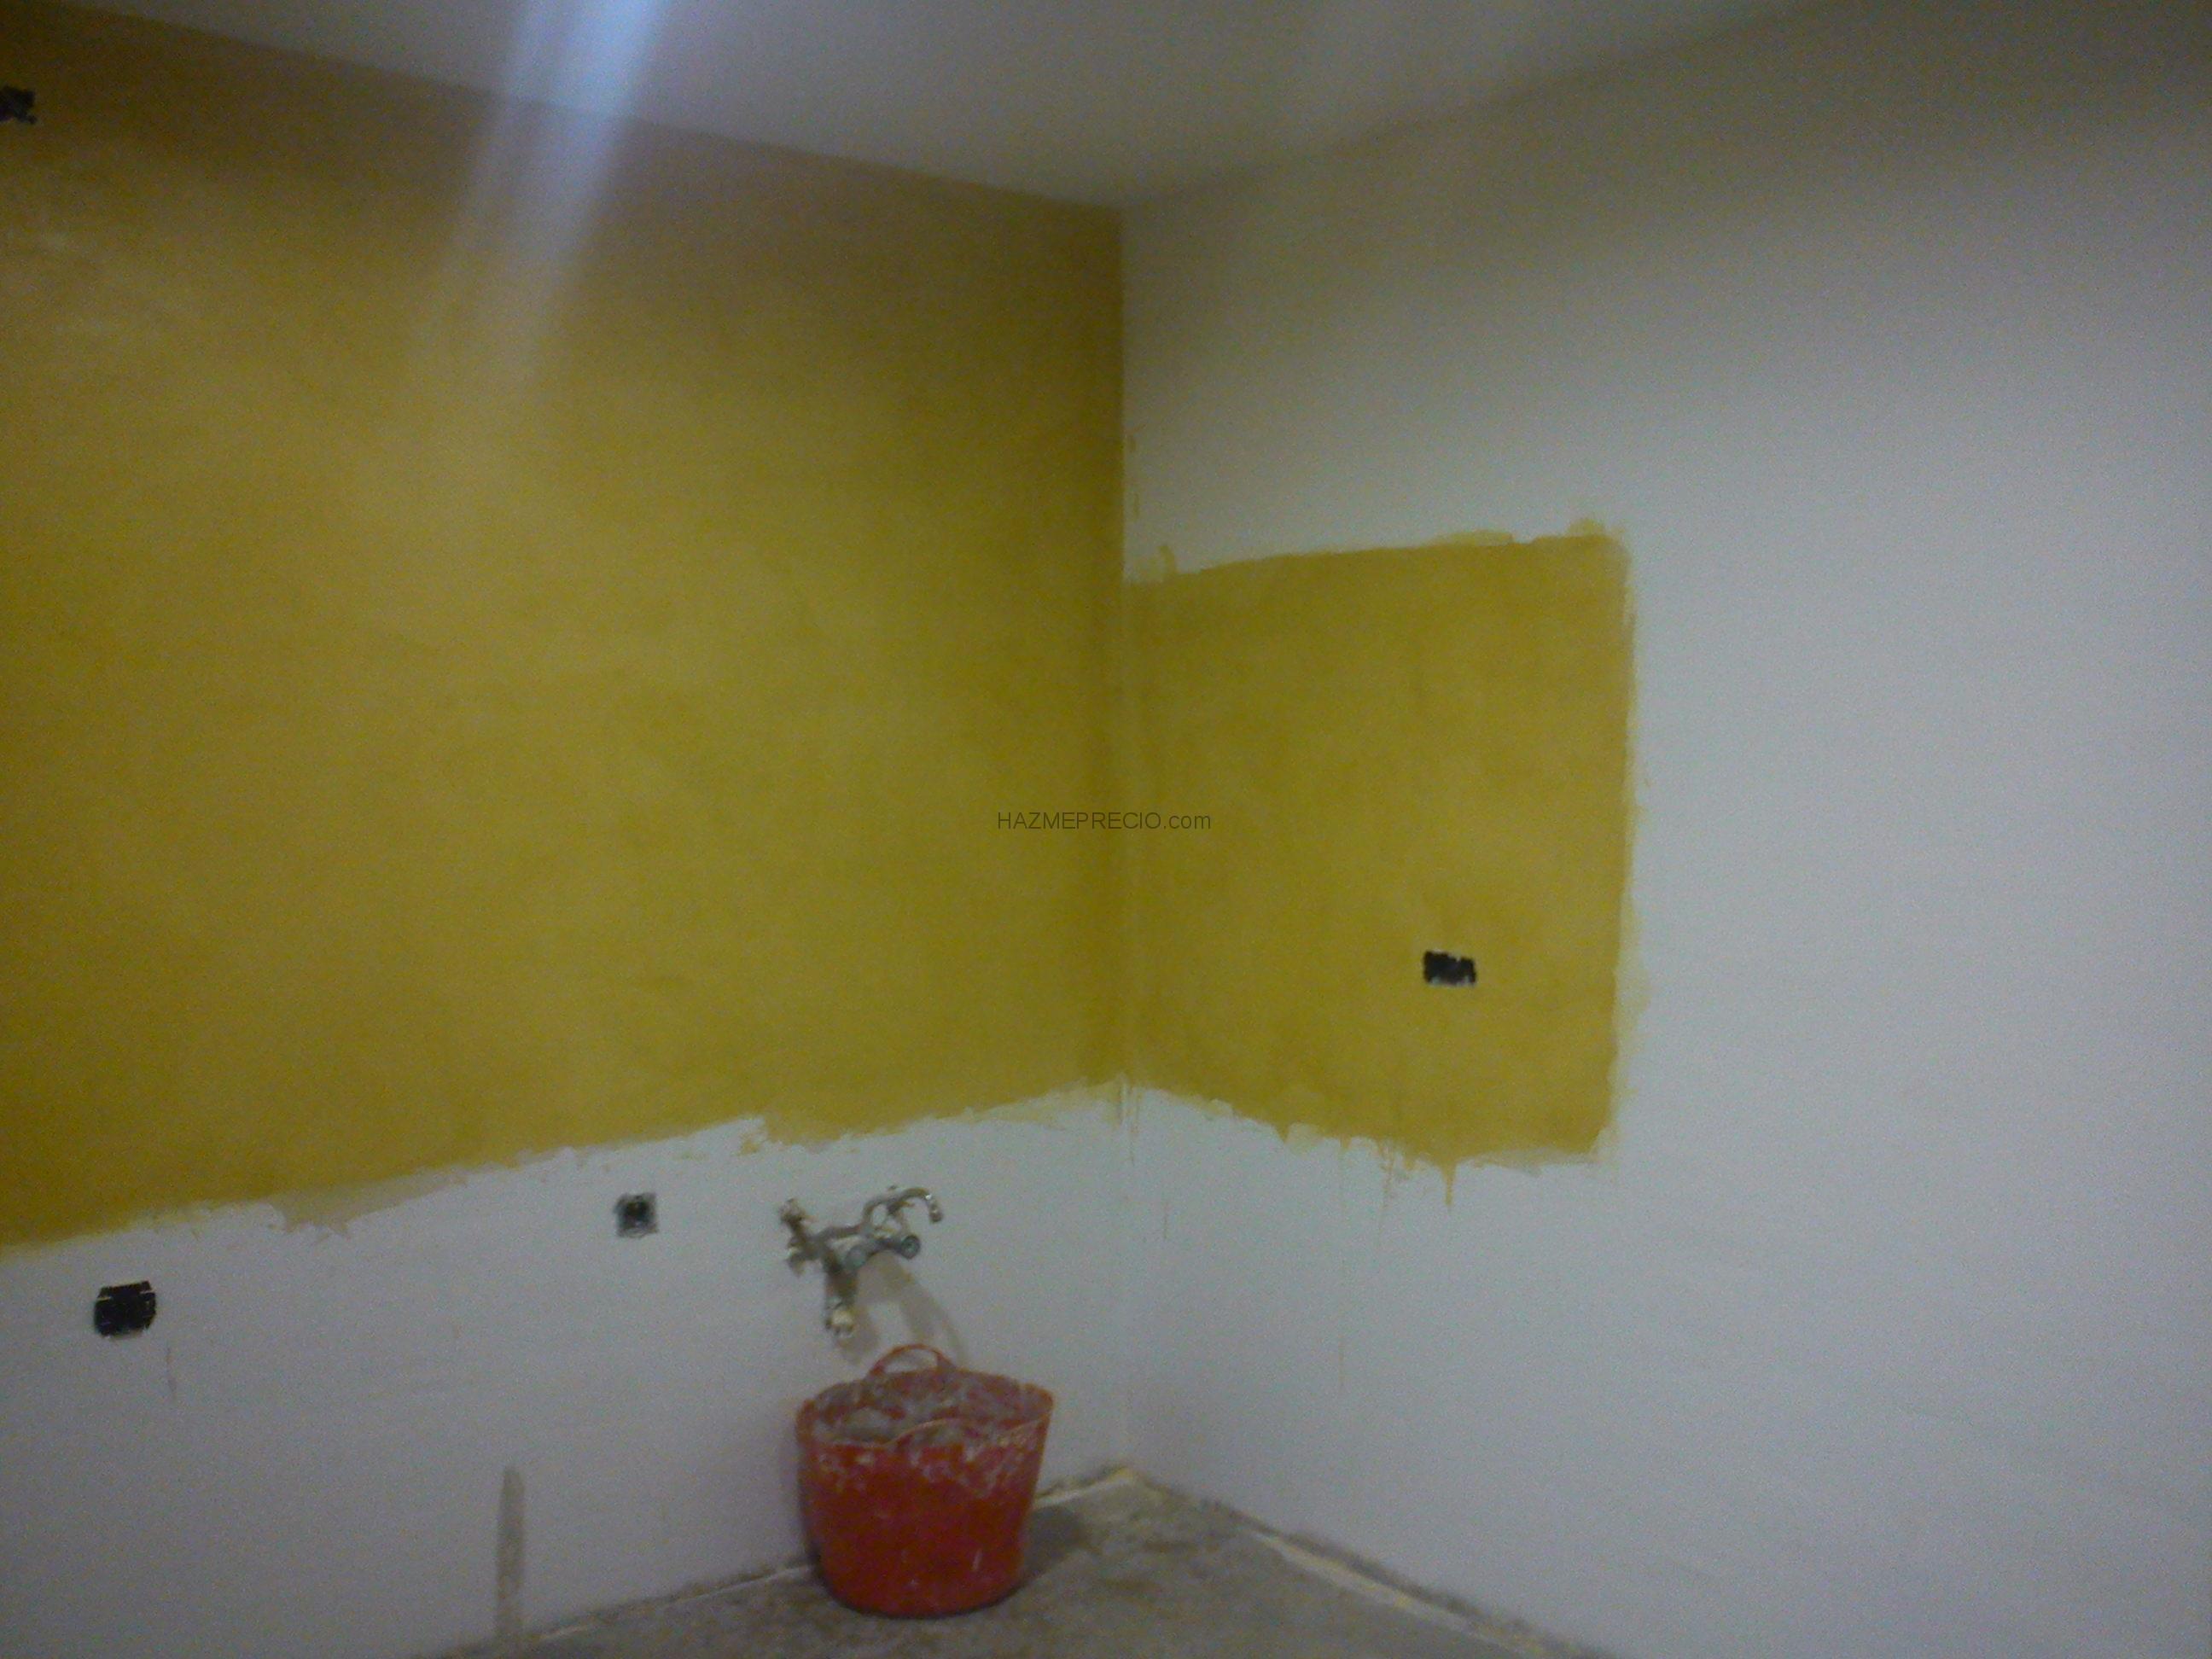 Presupuesto para colocar friso madera pared blanco - Colocar friso en pared sin rastreles ...